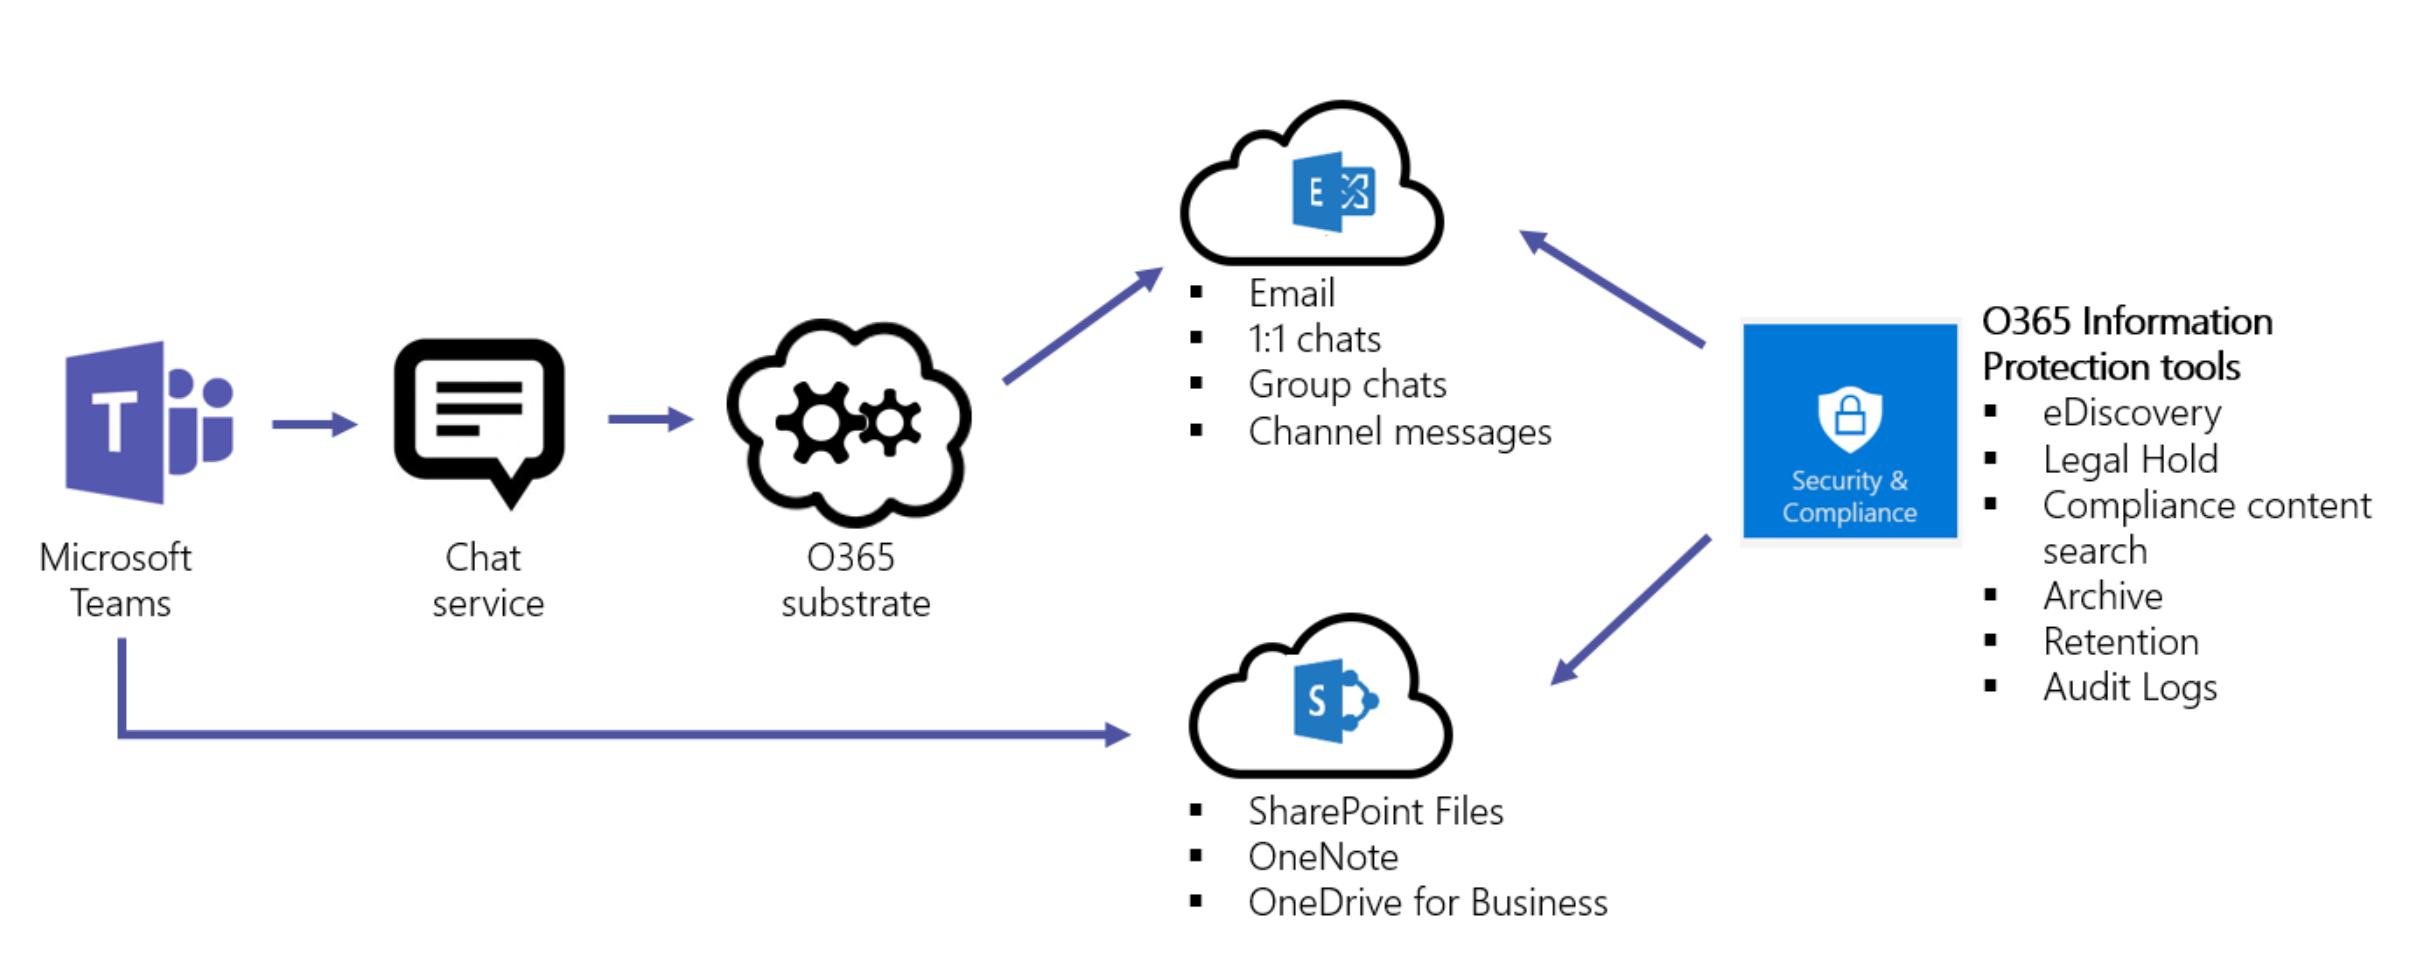 Diagrama del flujo de trabajo de datos de Teams para Exchange y SharePoint